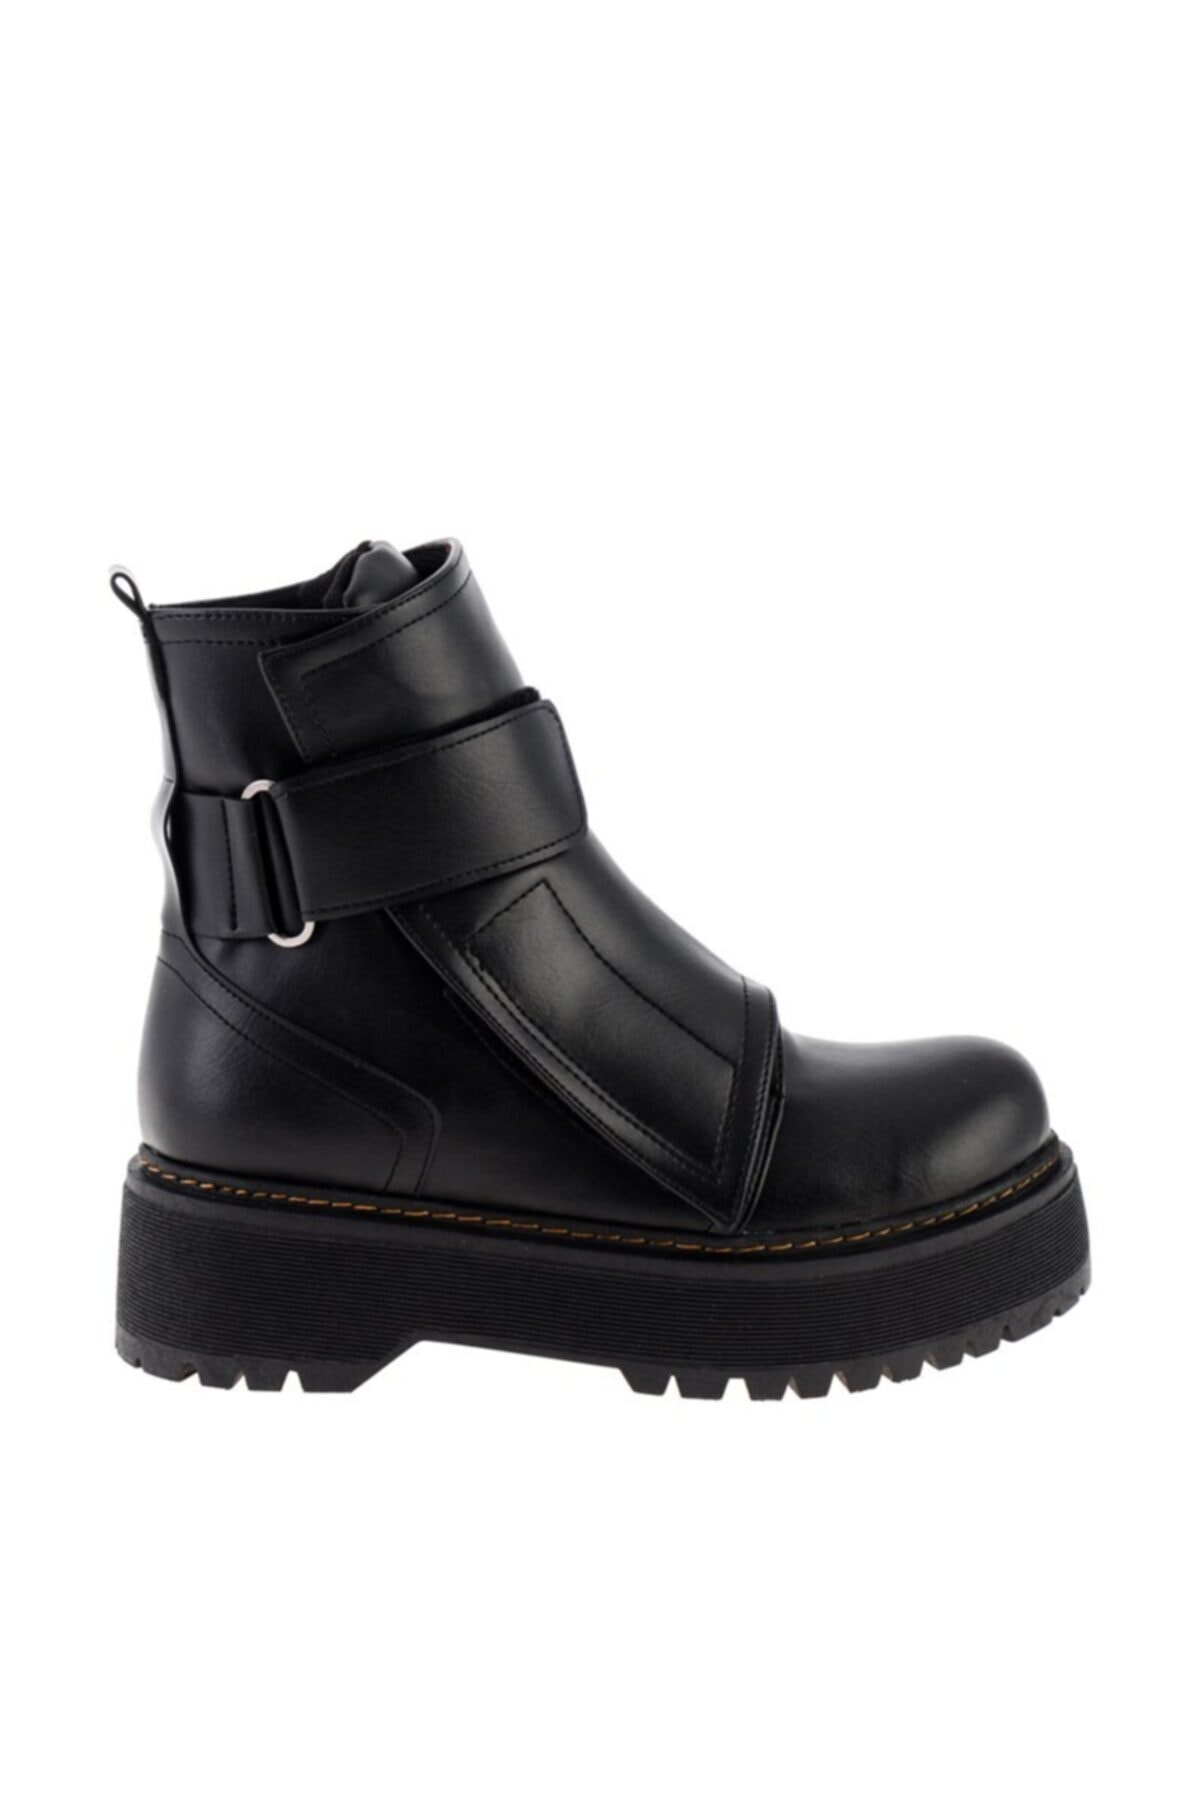 کفش مخبوت 2020 دخترانه برند بامبی رنگ مشکی کد ty33155304